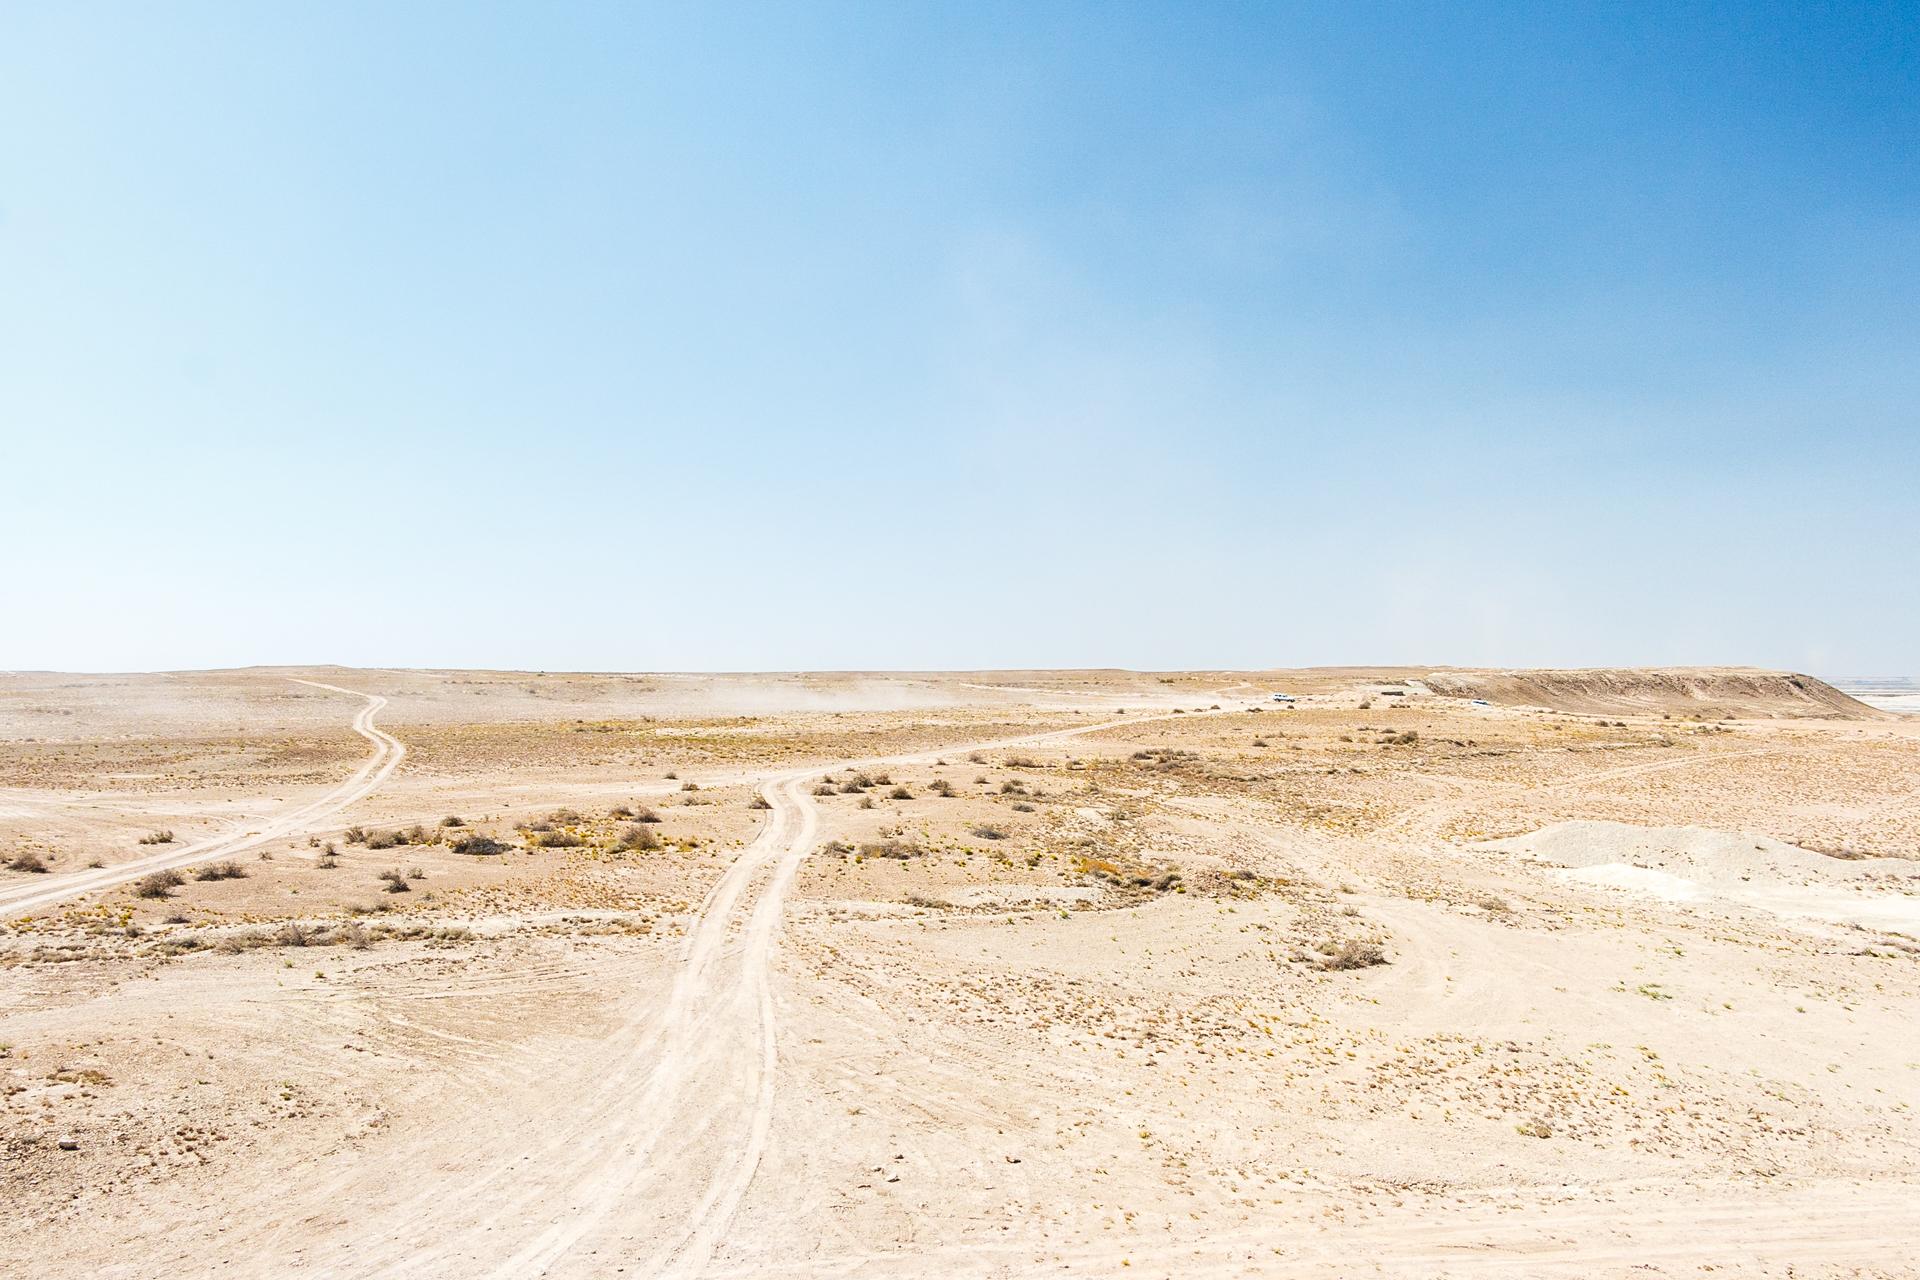 uzbekistan-travel-photography-01.jpg